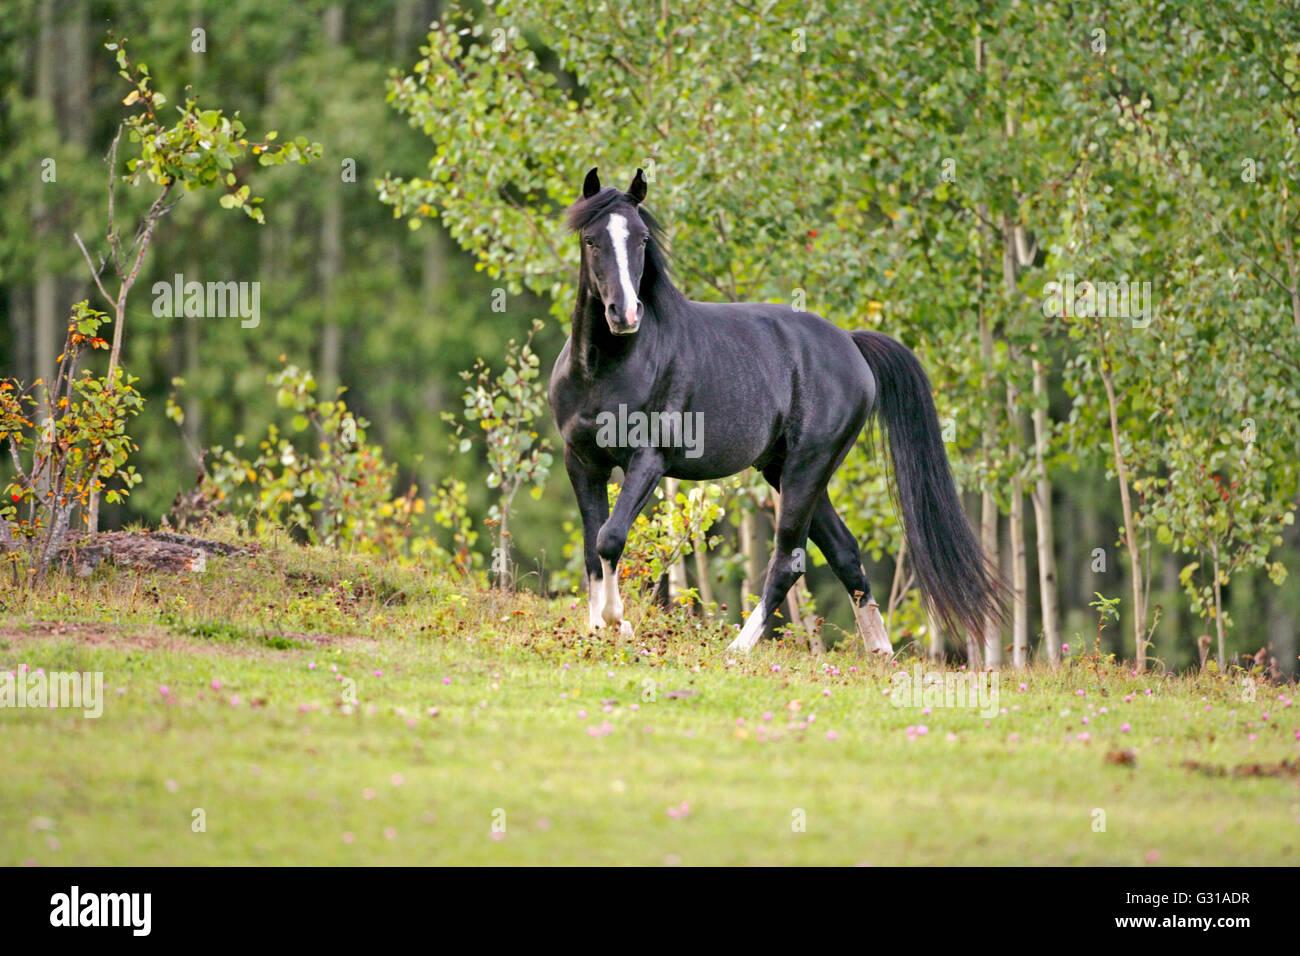 Negro semental arábigo al trote en praderas de flores Imagen De Stock